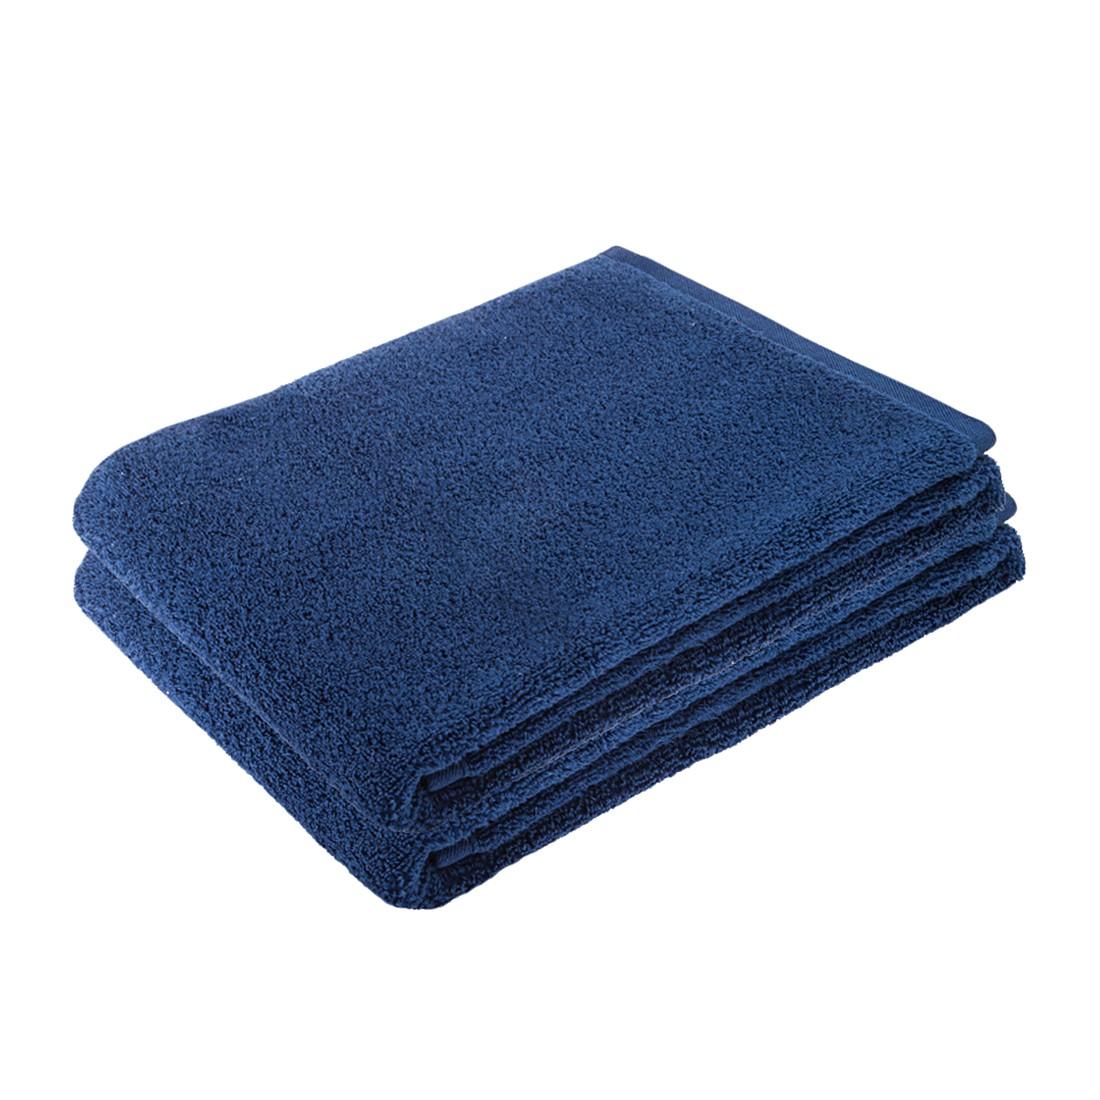 Handtuch-Set PURE (2-teilig) – 100% Baumwolle – Dunkelblau, stilana bestellen